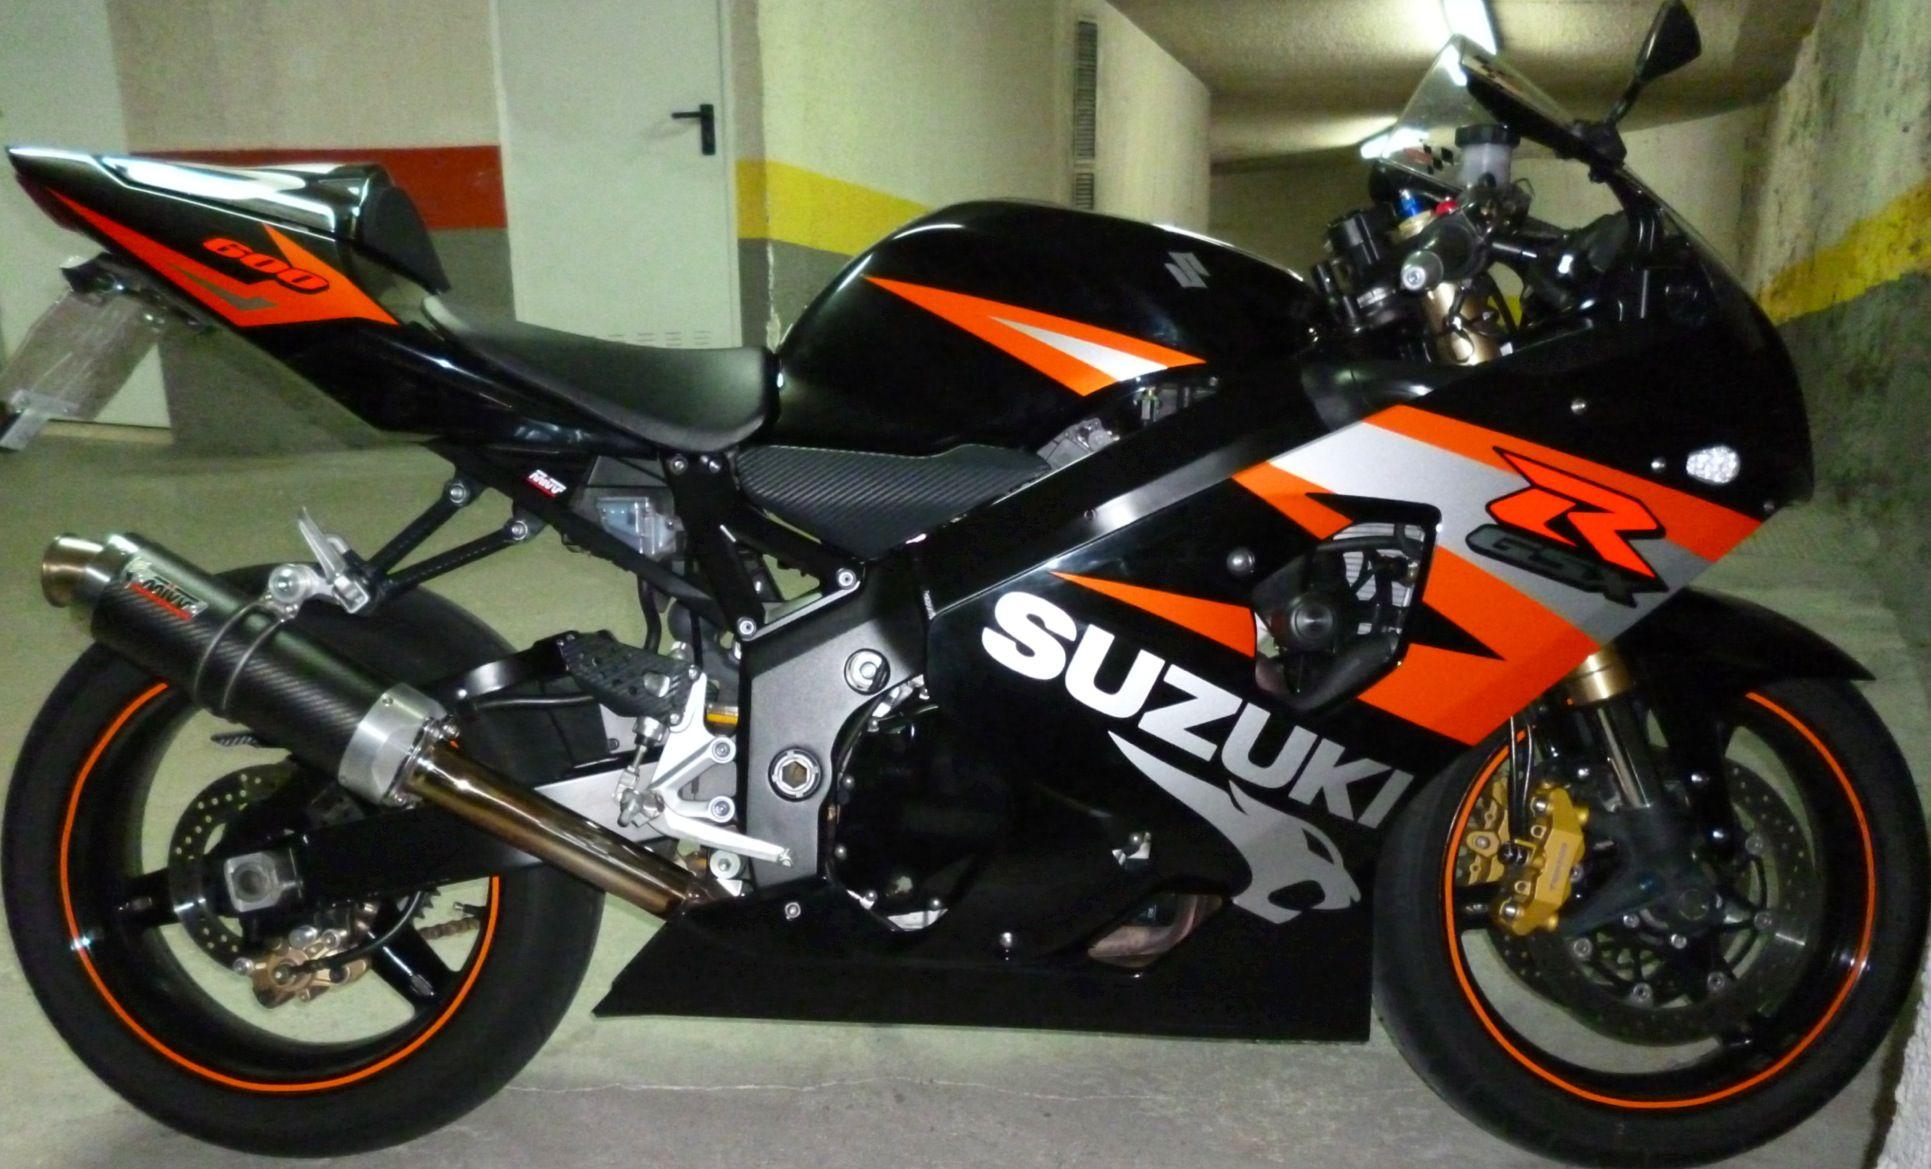 Suzuki GSXR 600 K4 | Biker chic | Gsxr 600, Sport bikes